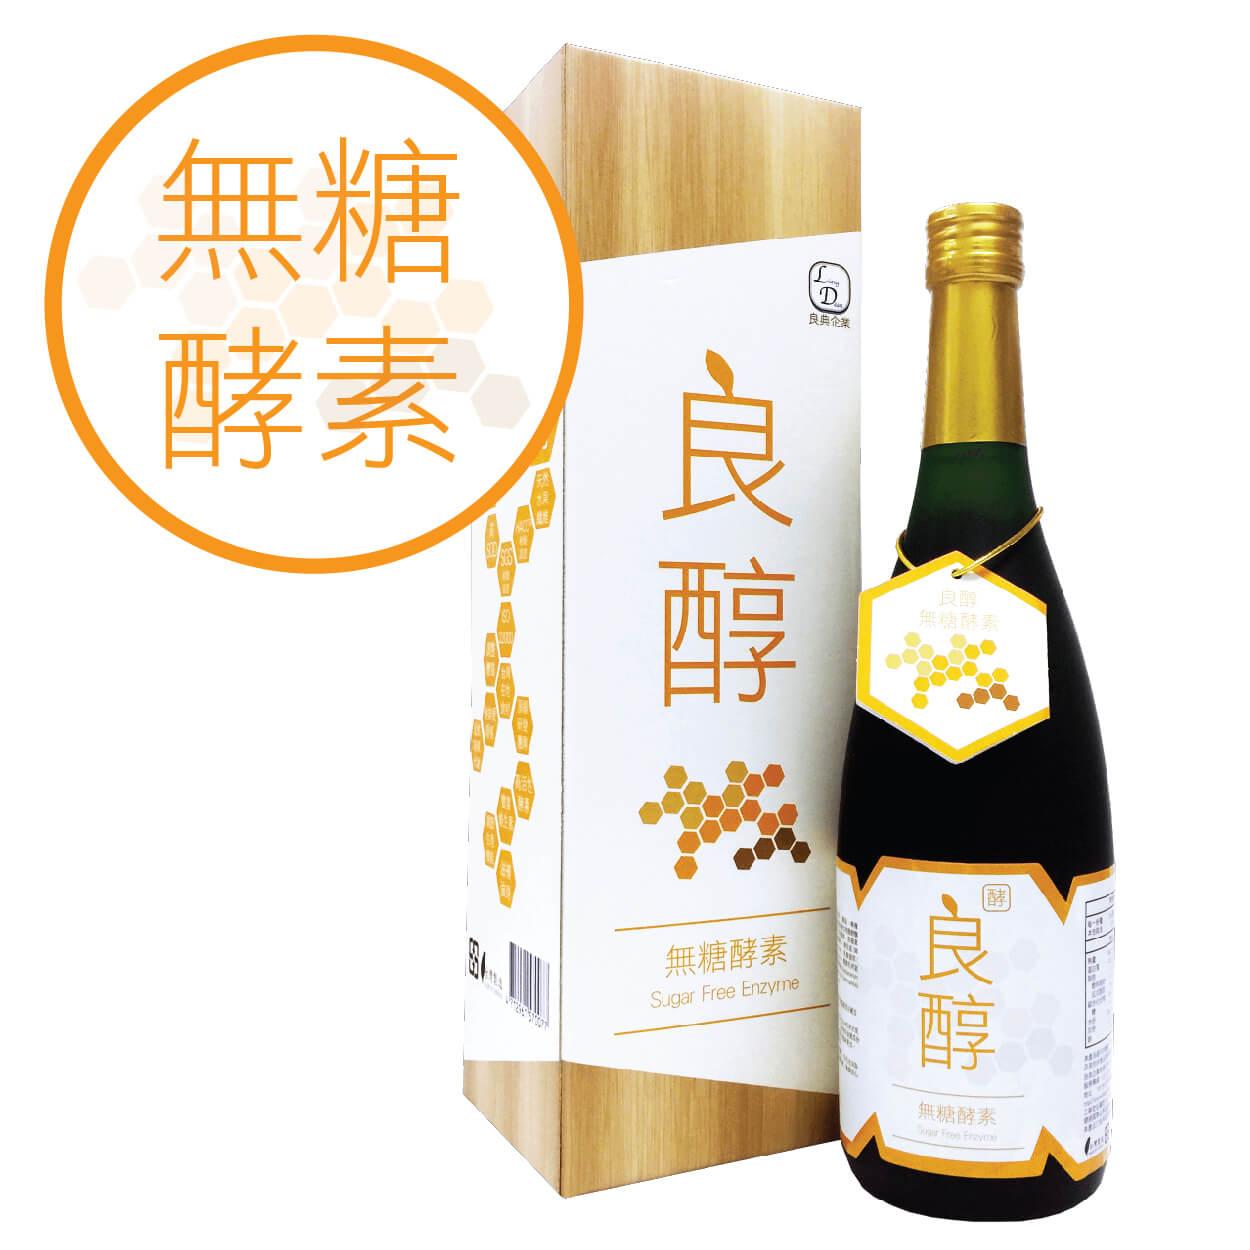 ◆【良醇酵素】無糖 天然綜合水果益生菌酵素(醱酵液)◆600ml/瓶◆頂尖實驗室合作研發團隊製作◆